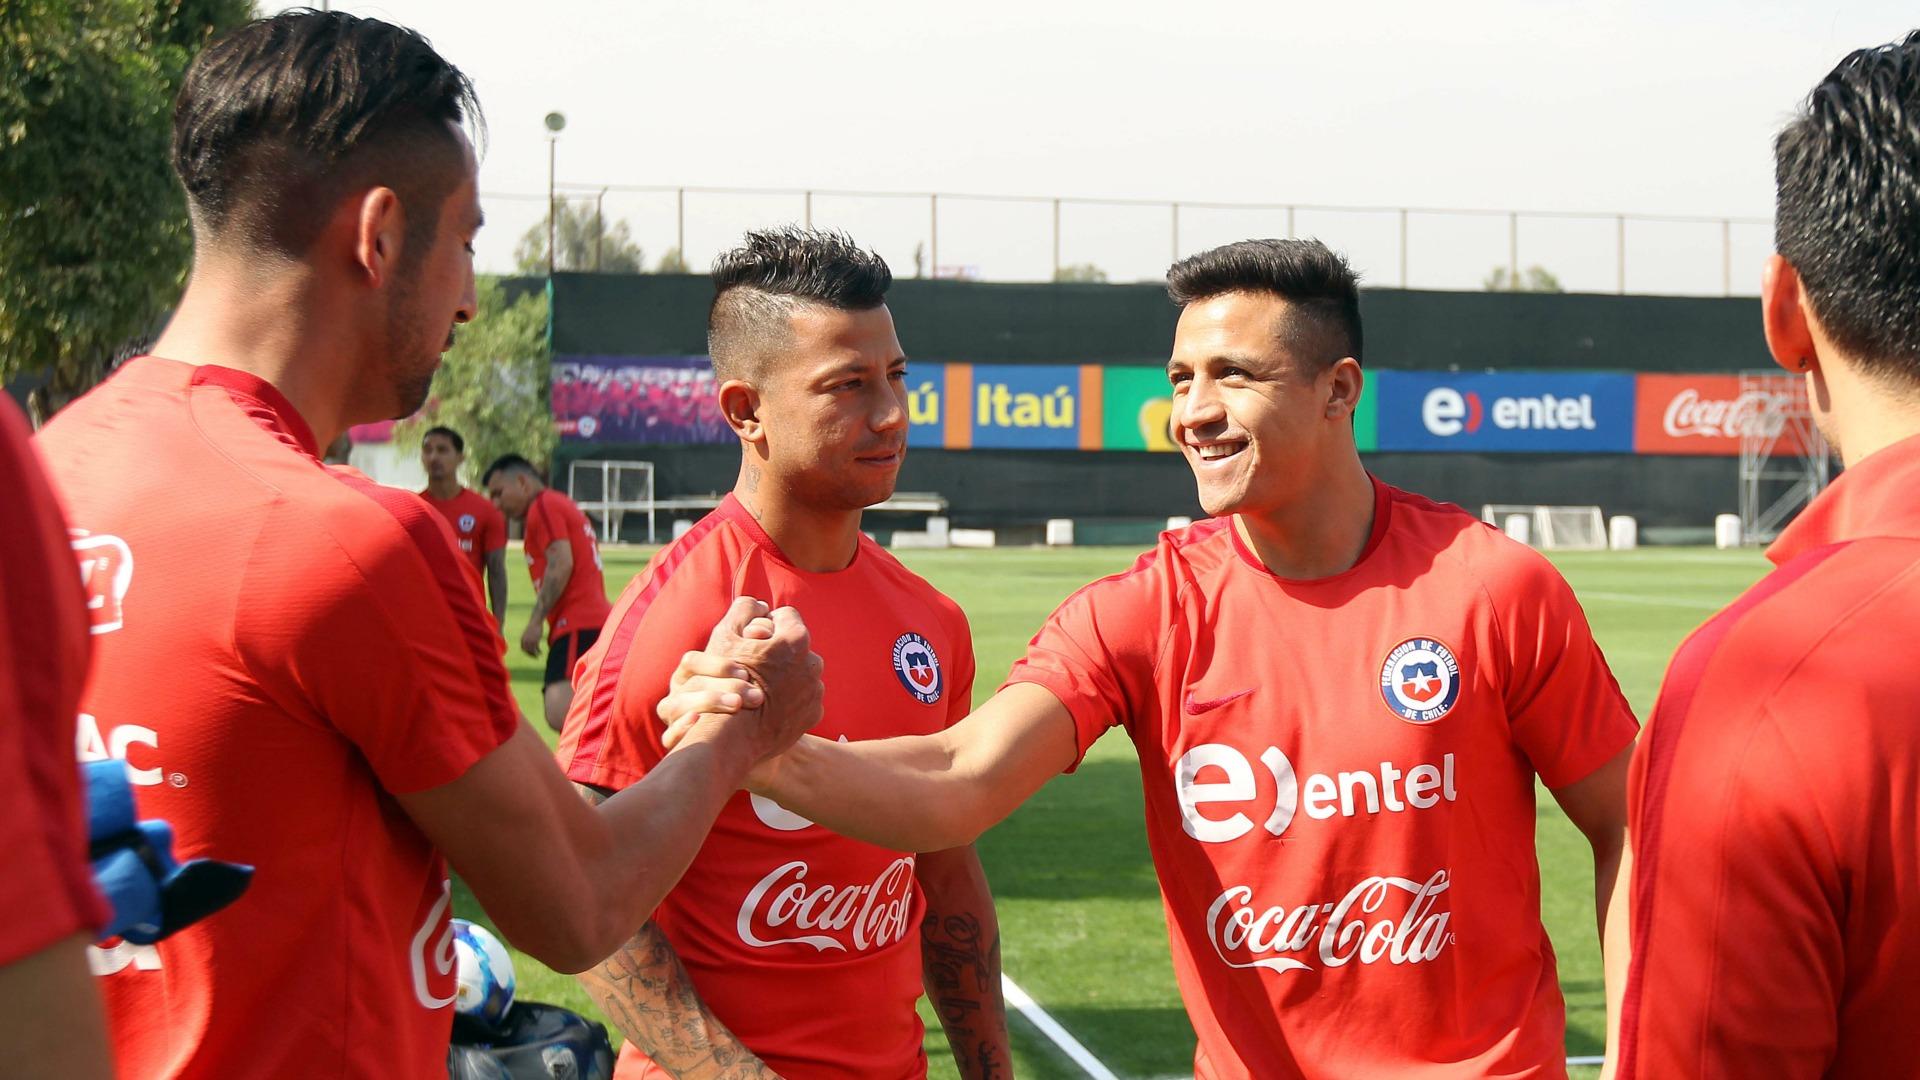 Sánchez ya entrena normal pero Medel sigue preocupando en La Roja